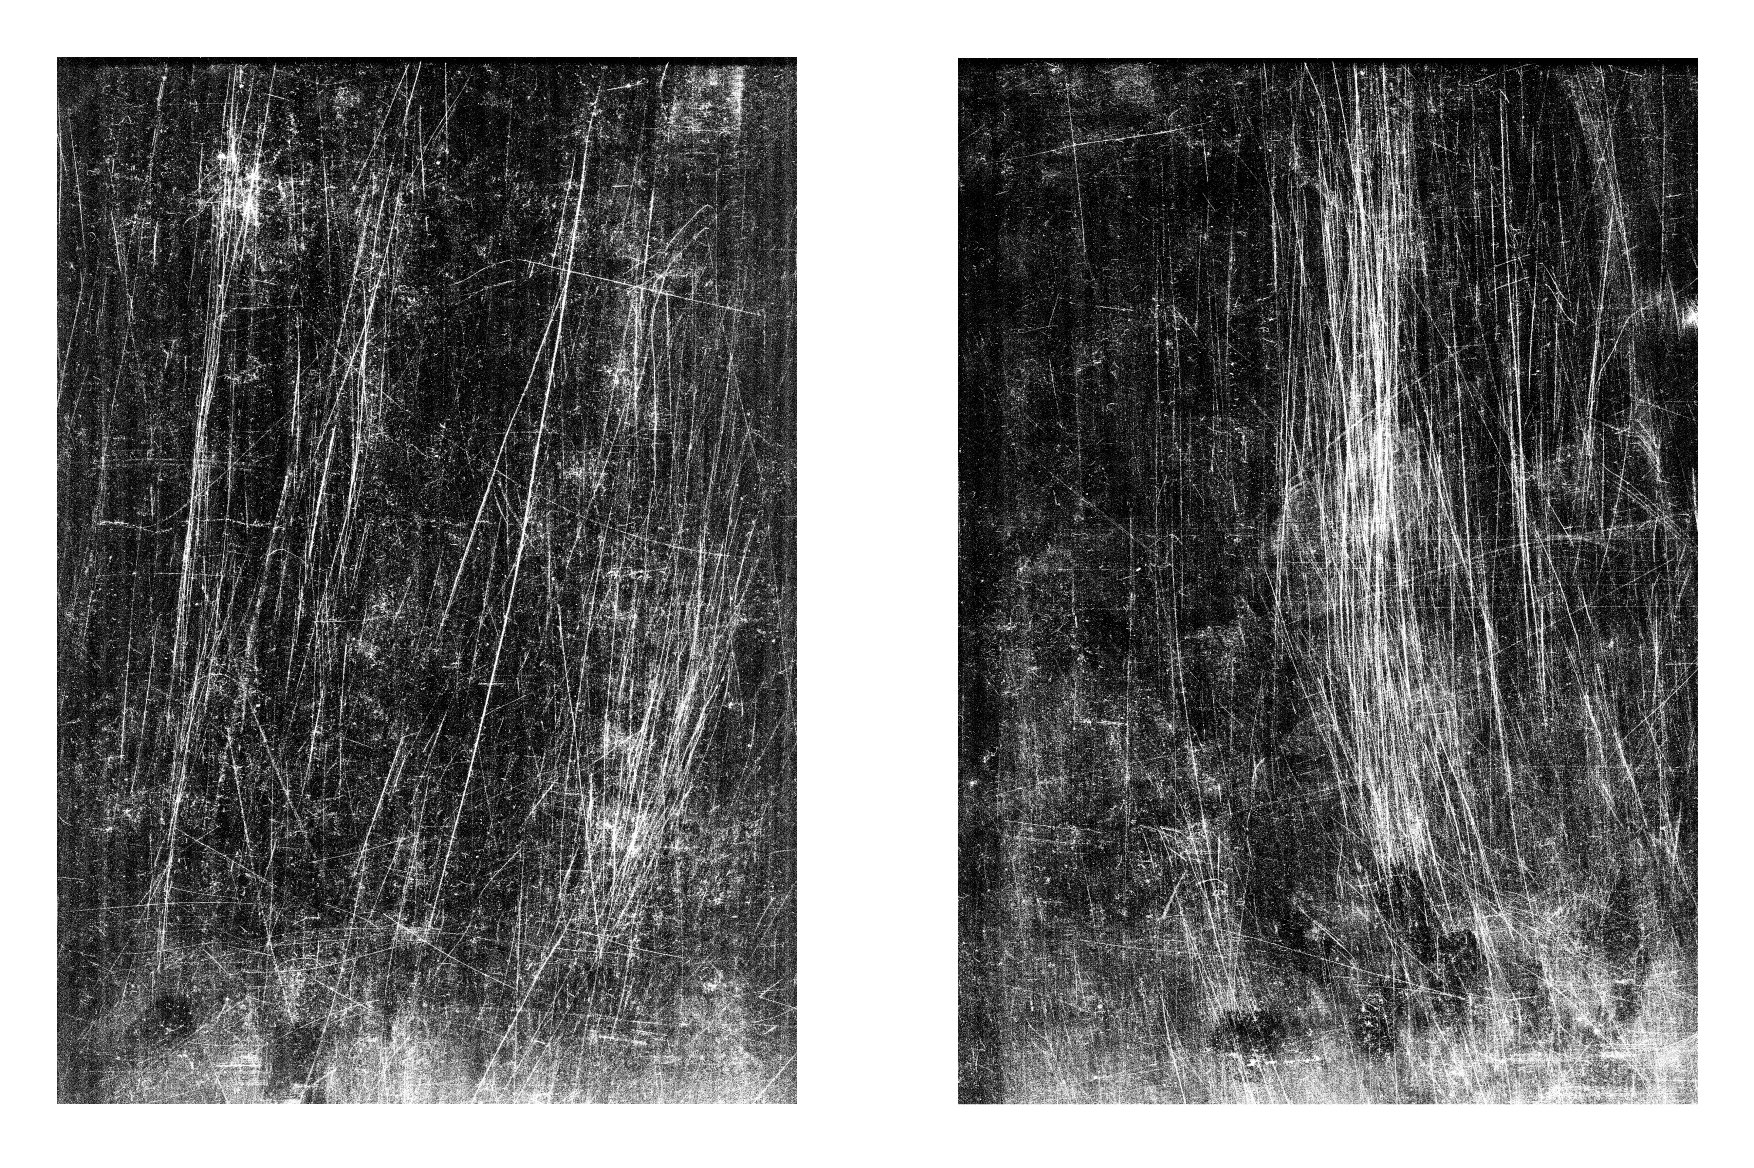 156款复古做旧折痕磨损褶皱纸张背景纹理素材合集 The Grunge Texture Bundle Vol. 1插图(48)